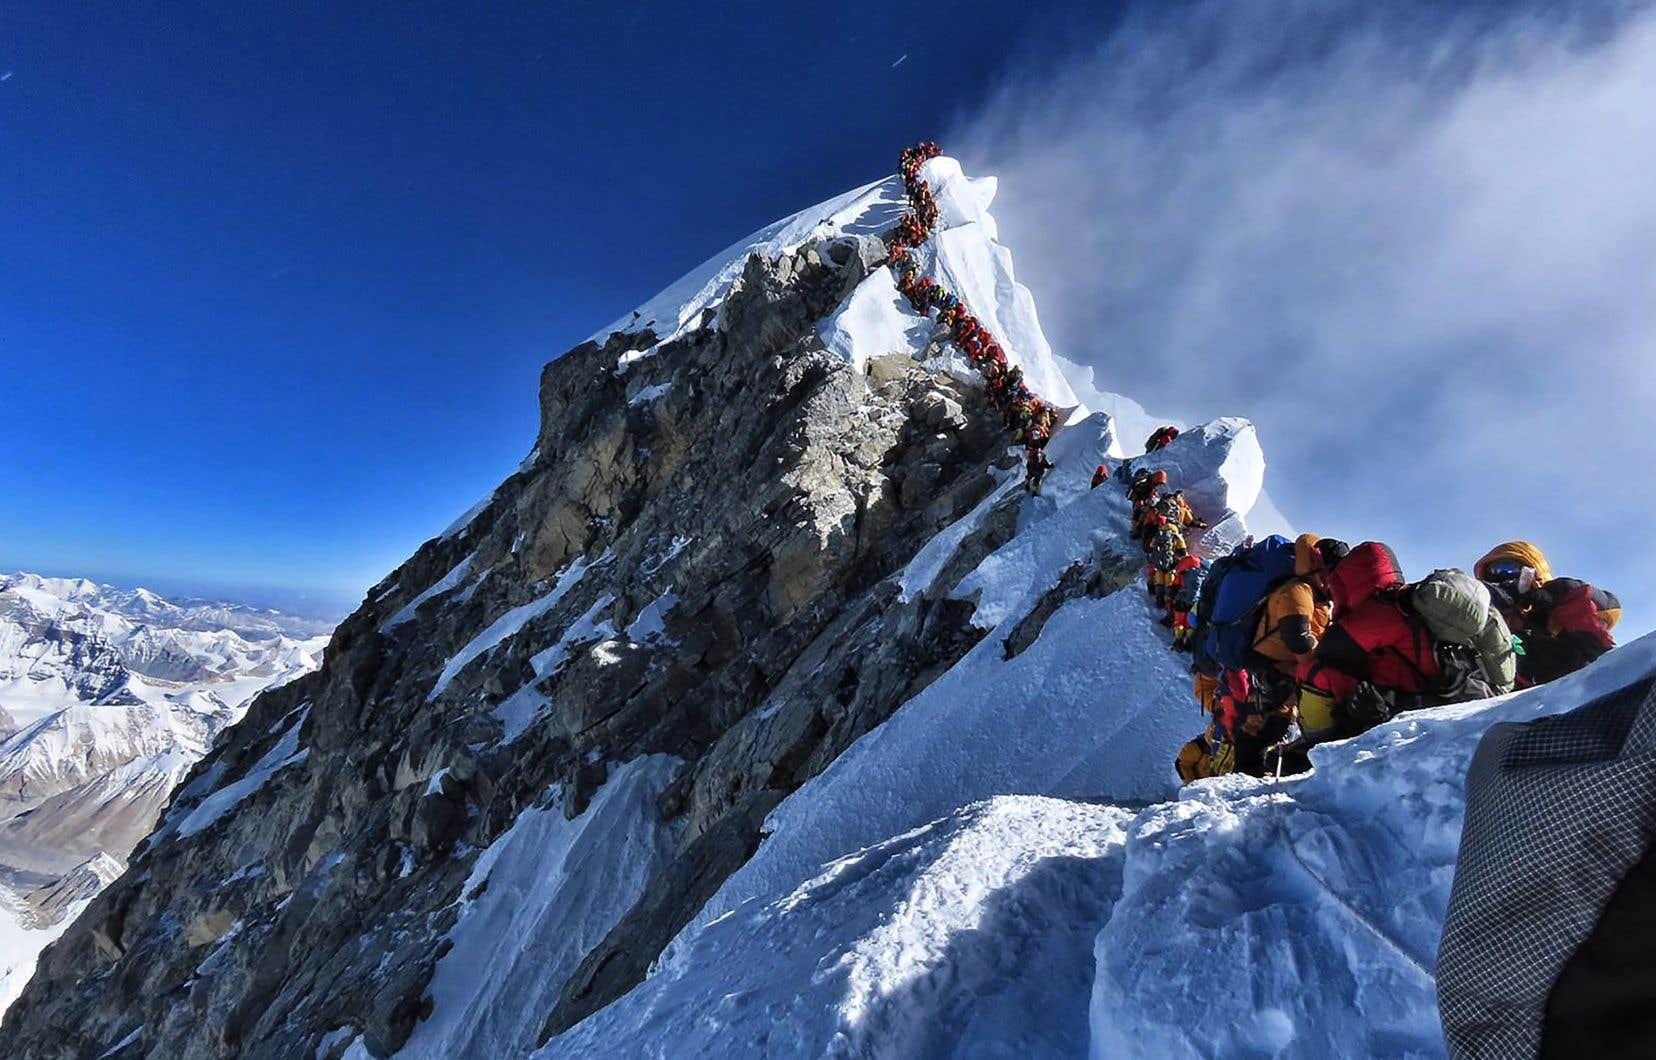 La haute saison bat son plein sur la montagne de 8848 mètres, au point que des files d'attente d'alpinistes se forment à proximité du sommet.